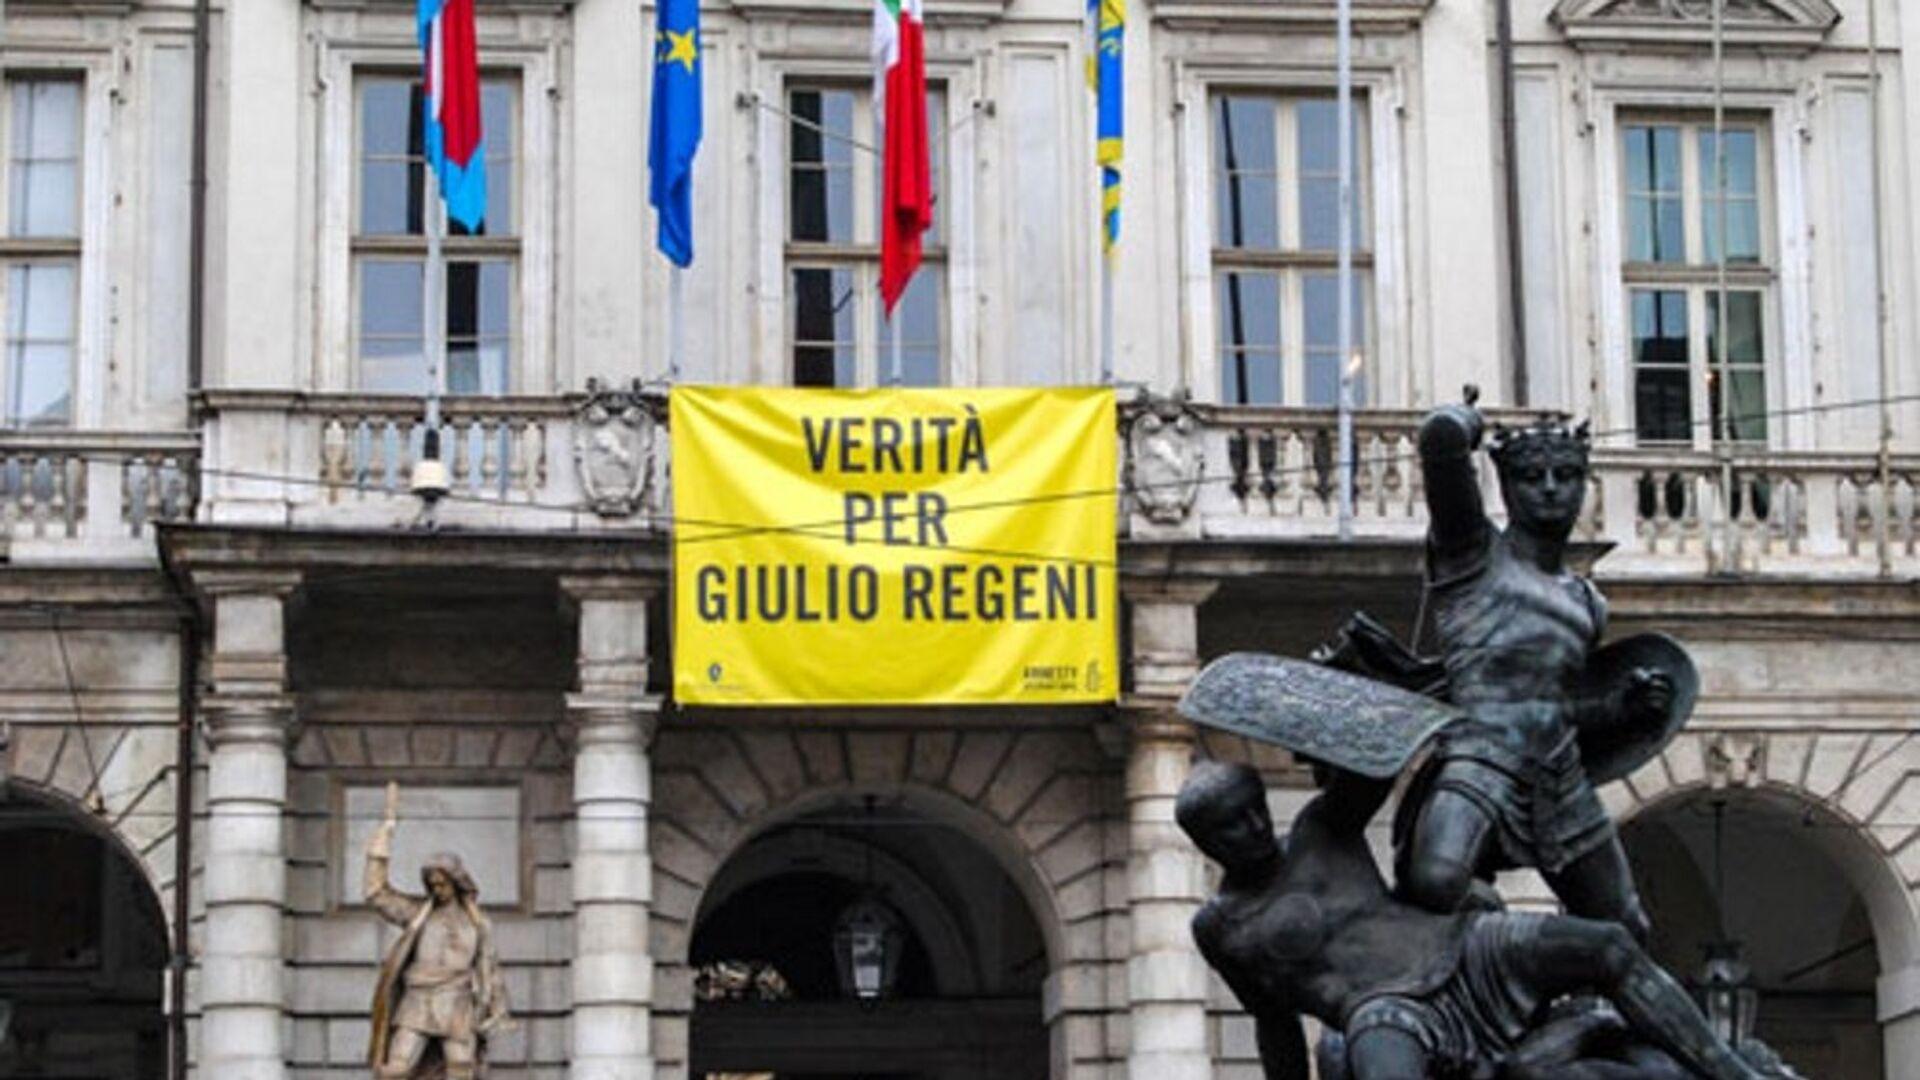 Striscione Verità per Giulio Regeni esposto dal 4 aprile 2016 sulla facciata di Palazzo Civico (municipio di Torino) - Sputnik Italia, 1920, 25.05.2021